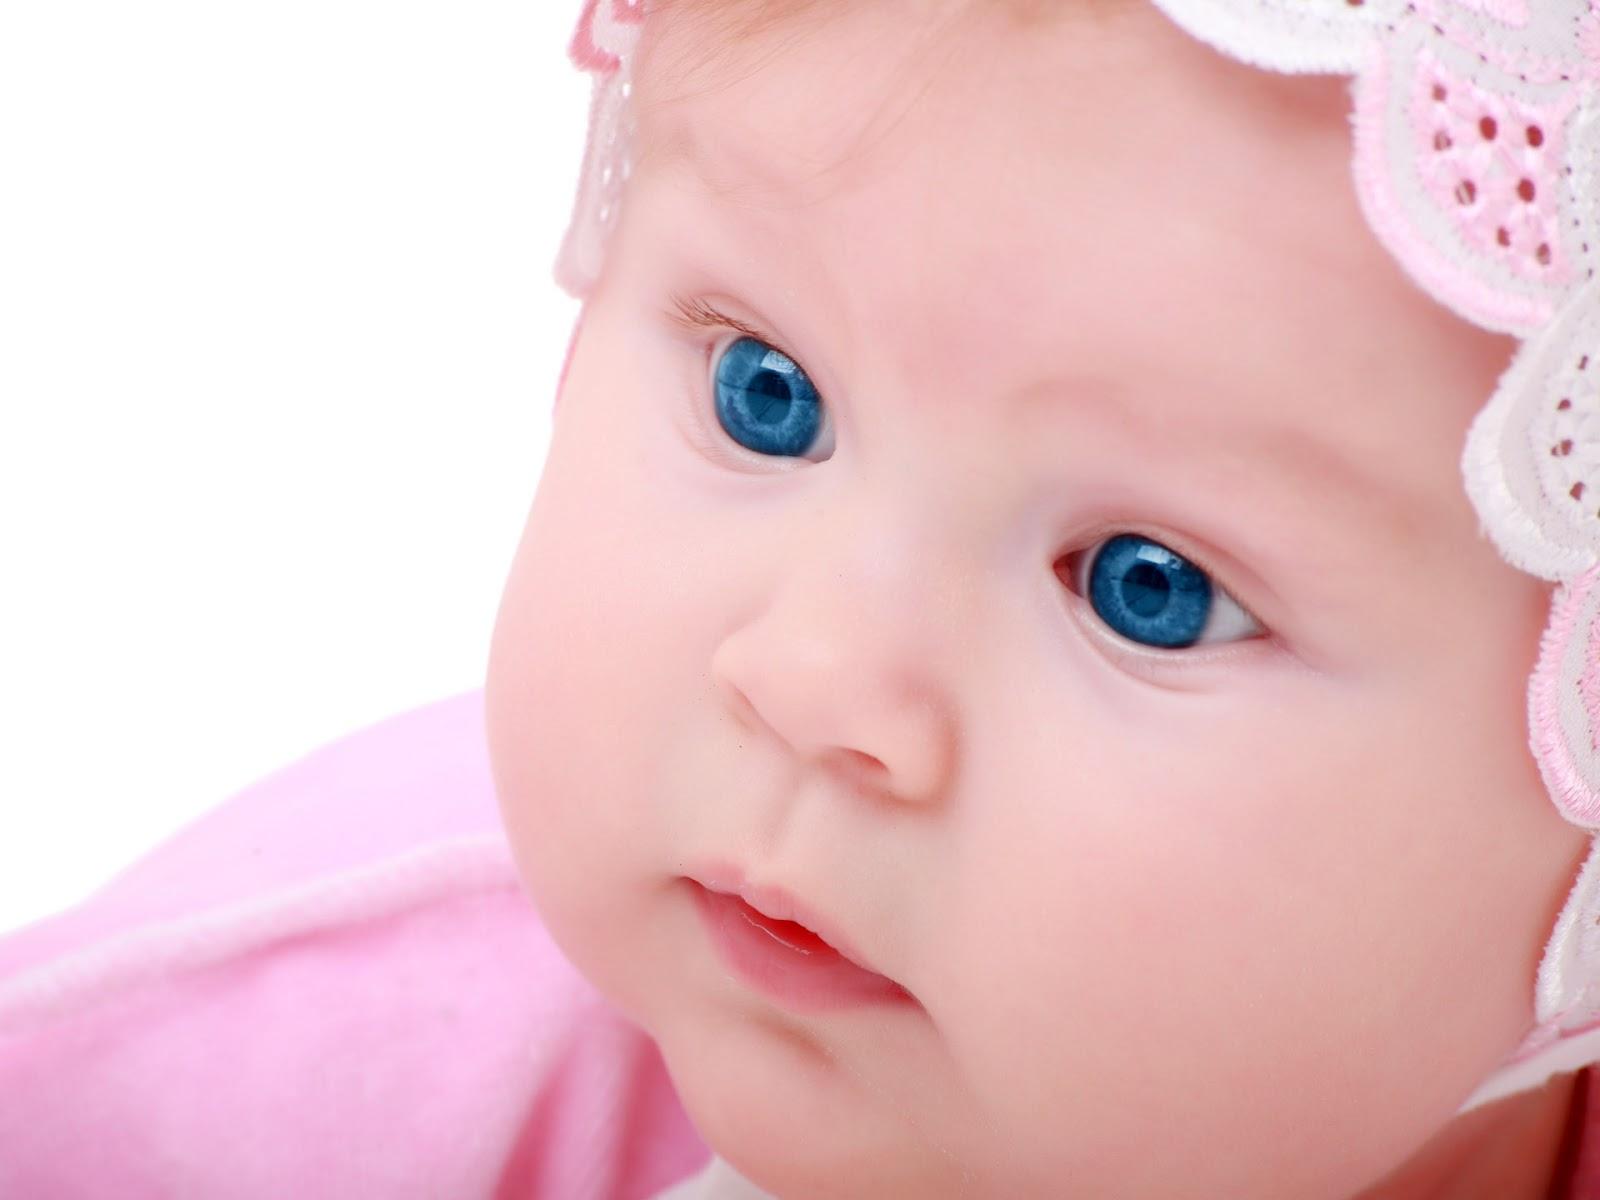 HD Desktop Wallpapers Free Online: Baby